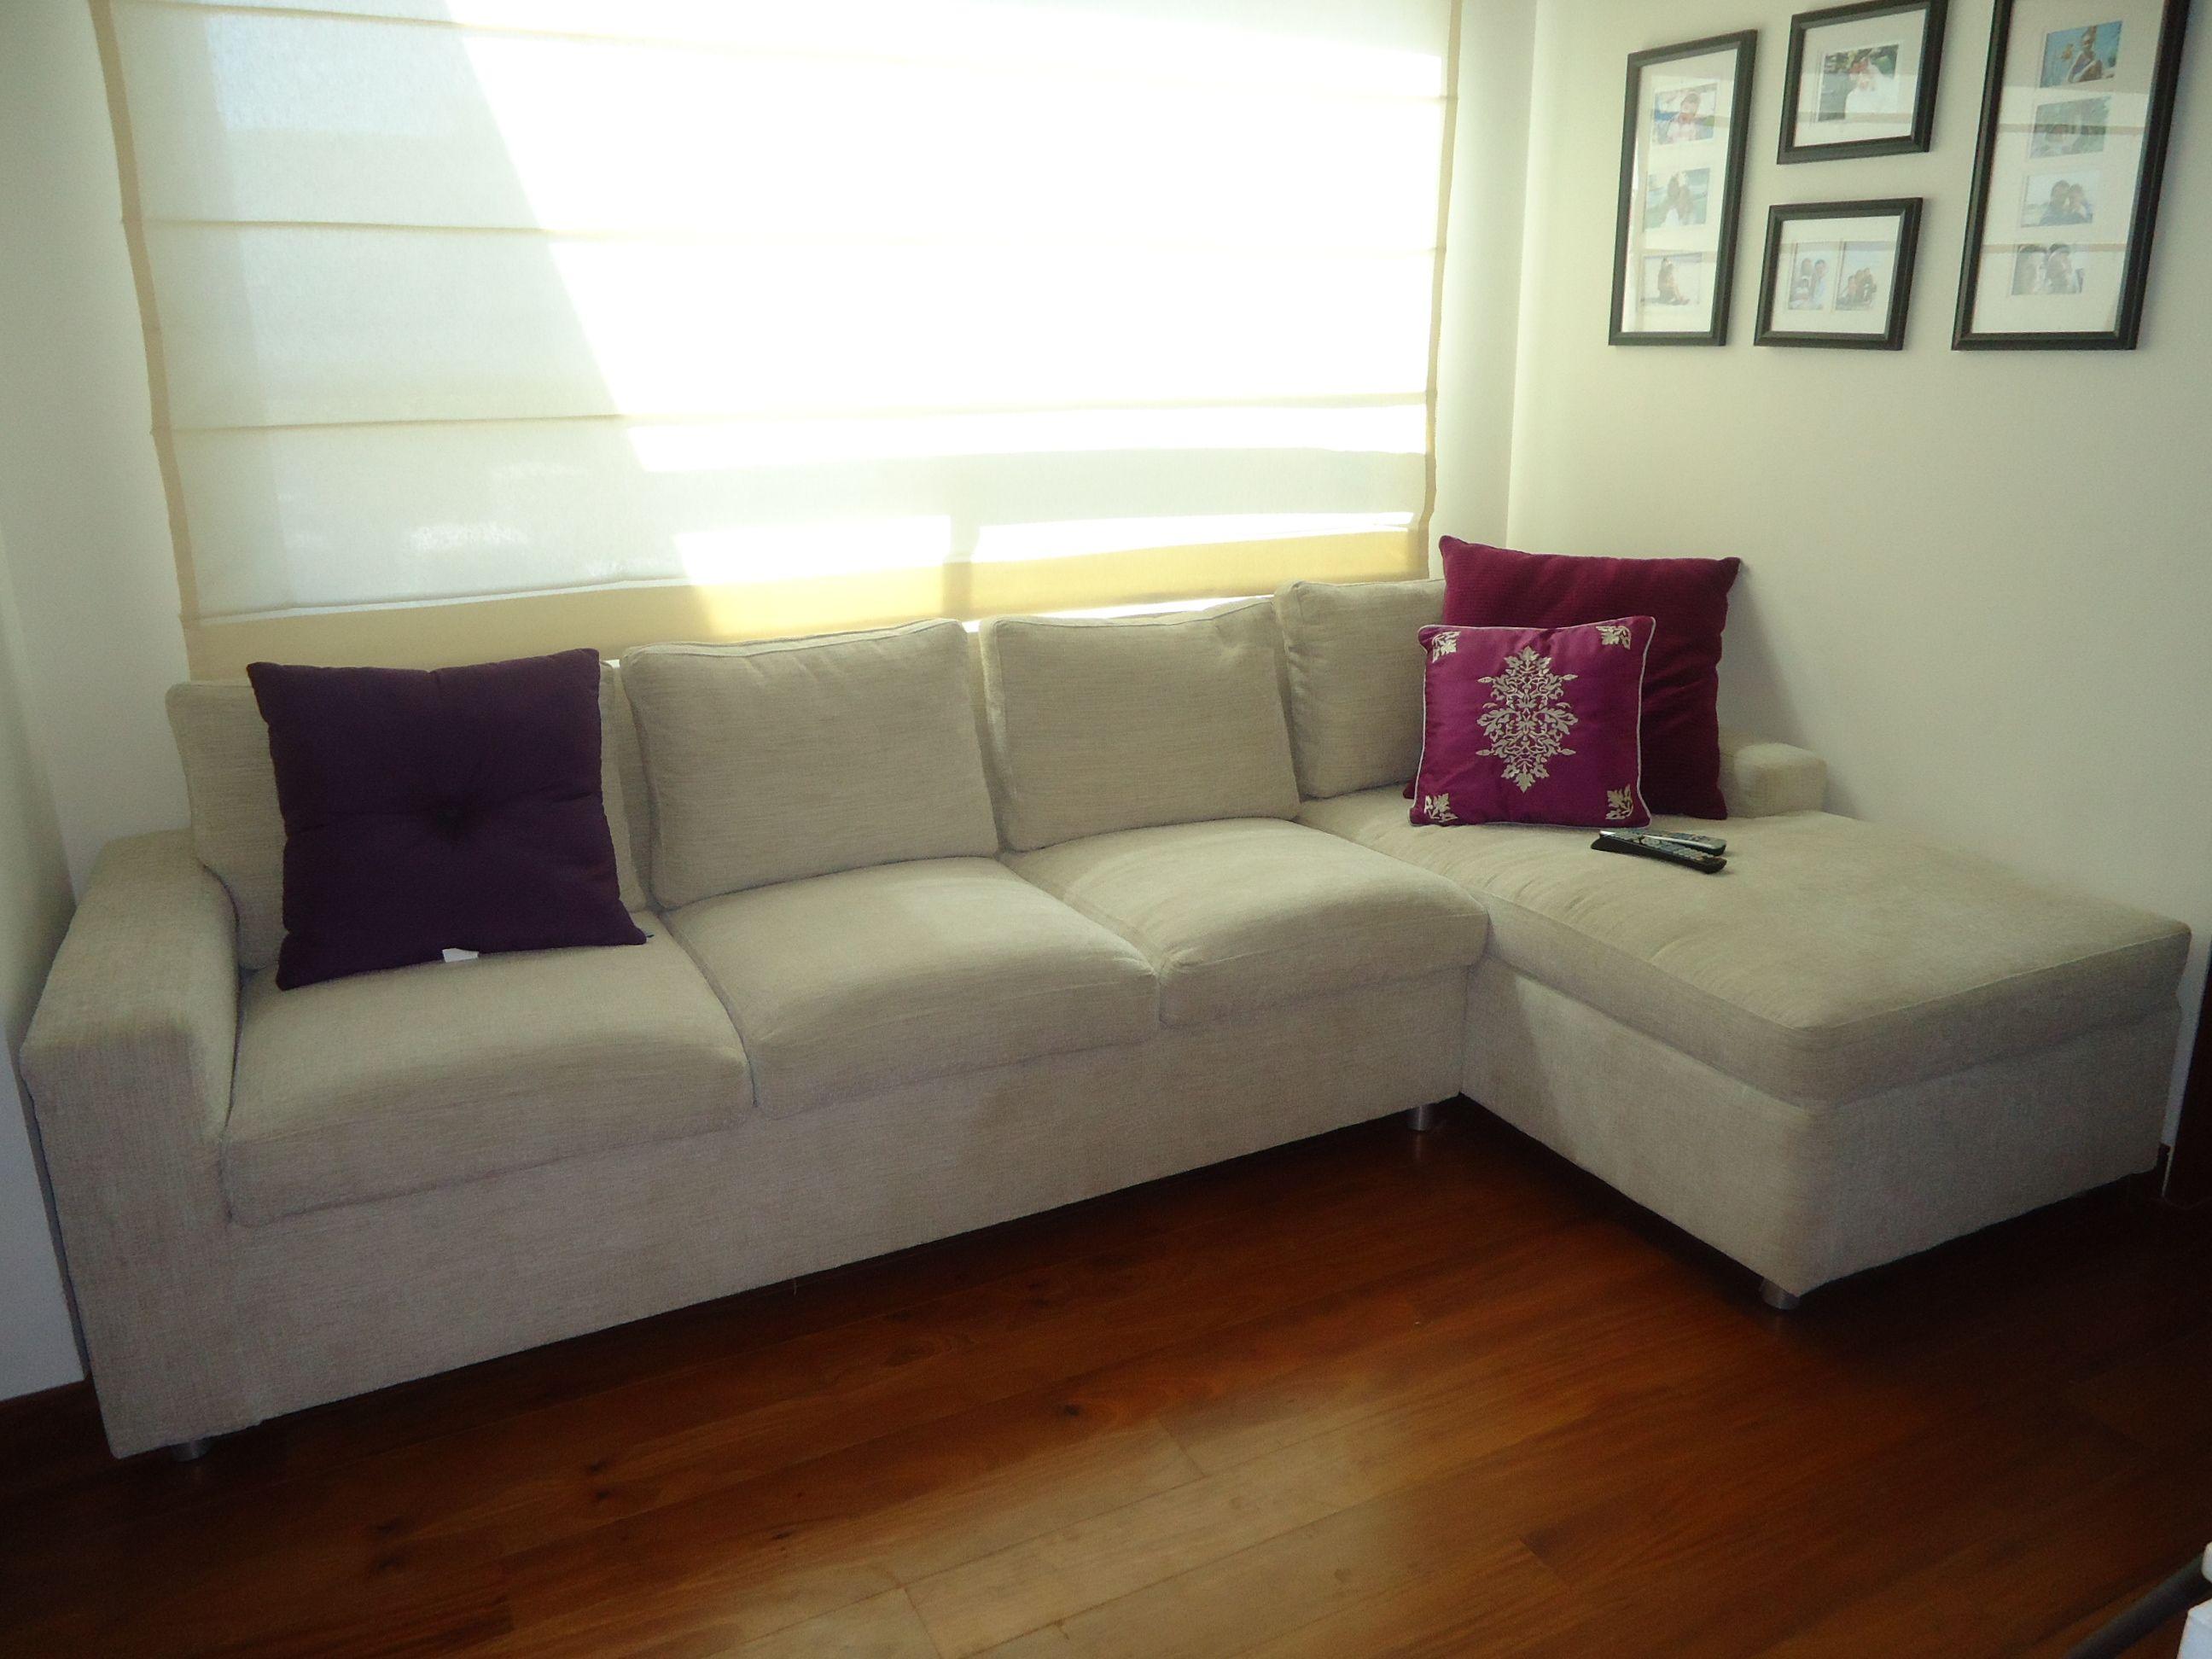 Salas sobre dise o litiostore una sala perfecta para for Diseno decoracion hogar talagante